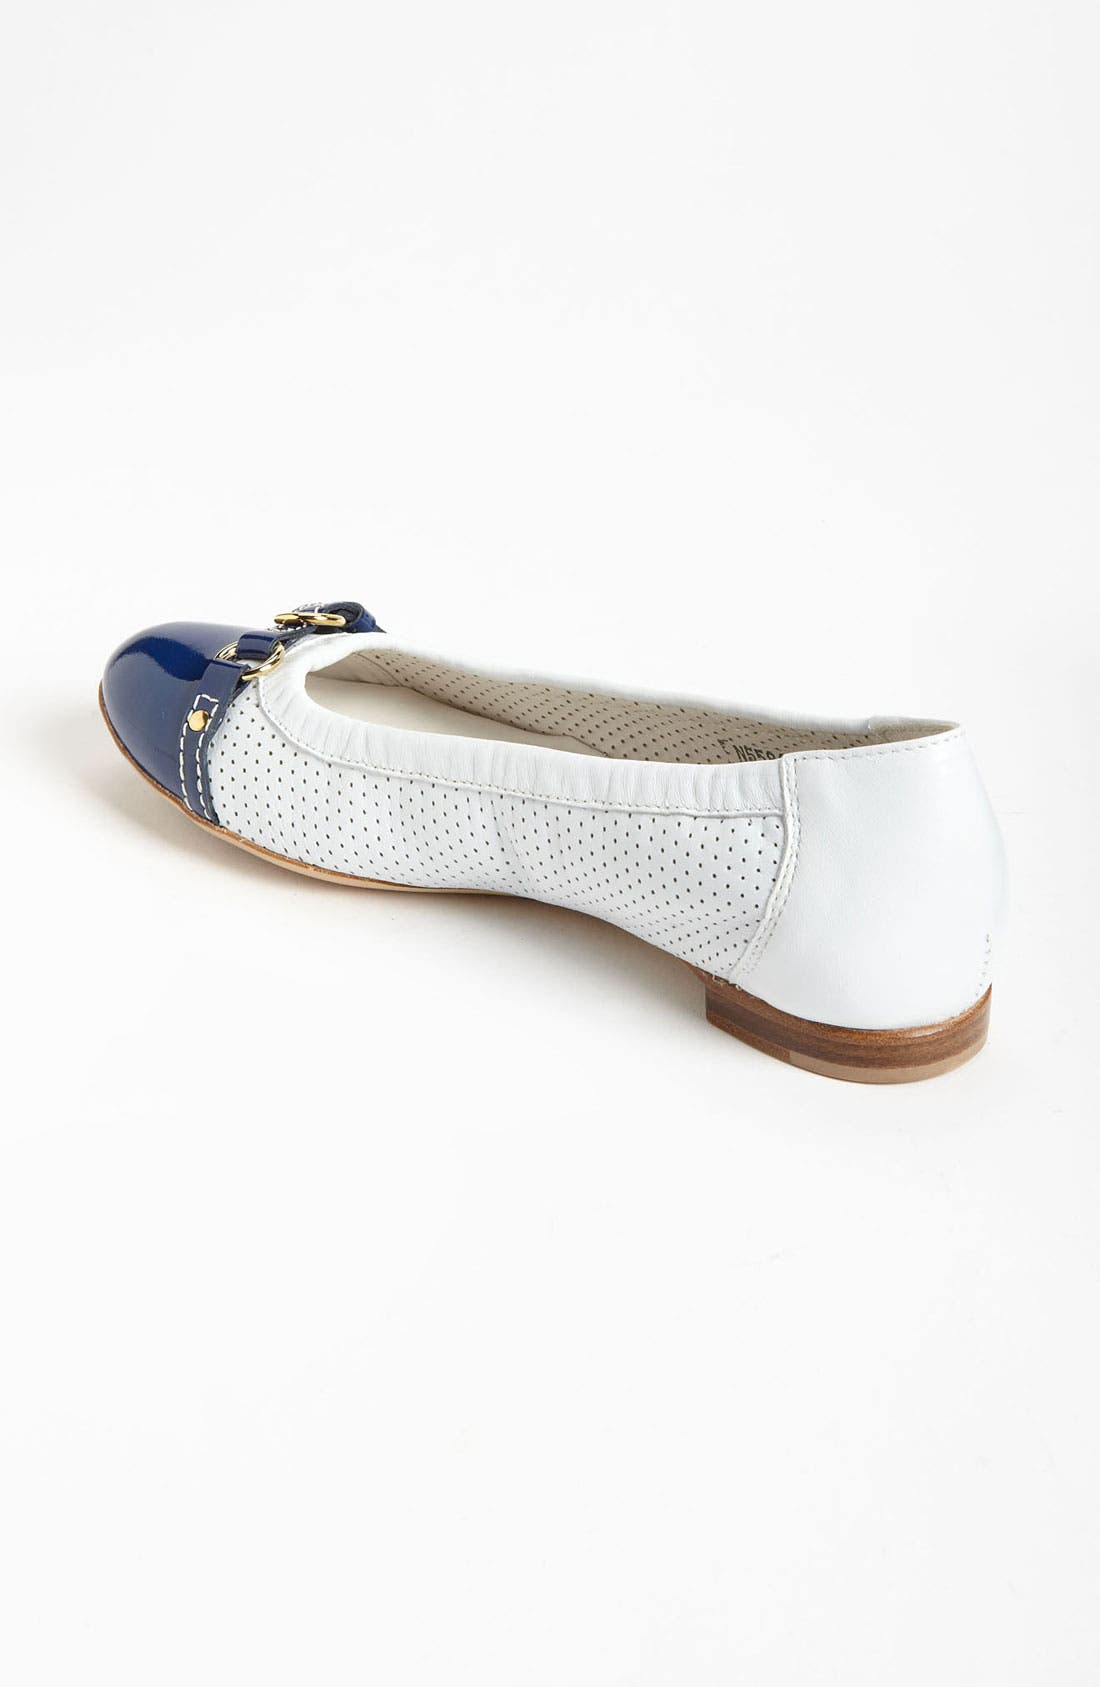 Alternate Image 2  - Attilio Giusti Leombruni Perforated Toe Cap Ballet Flat